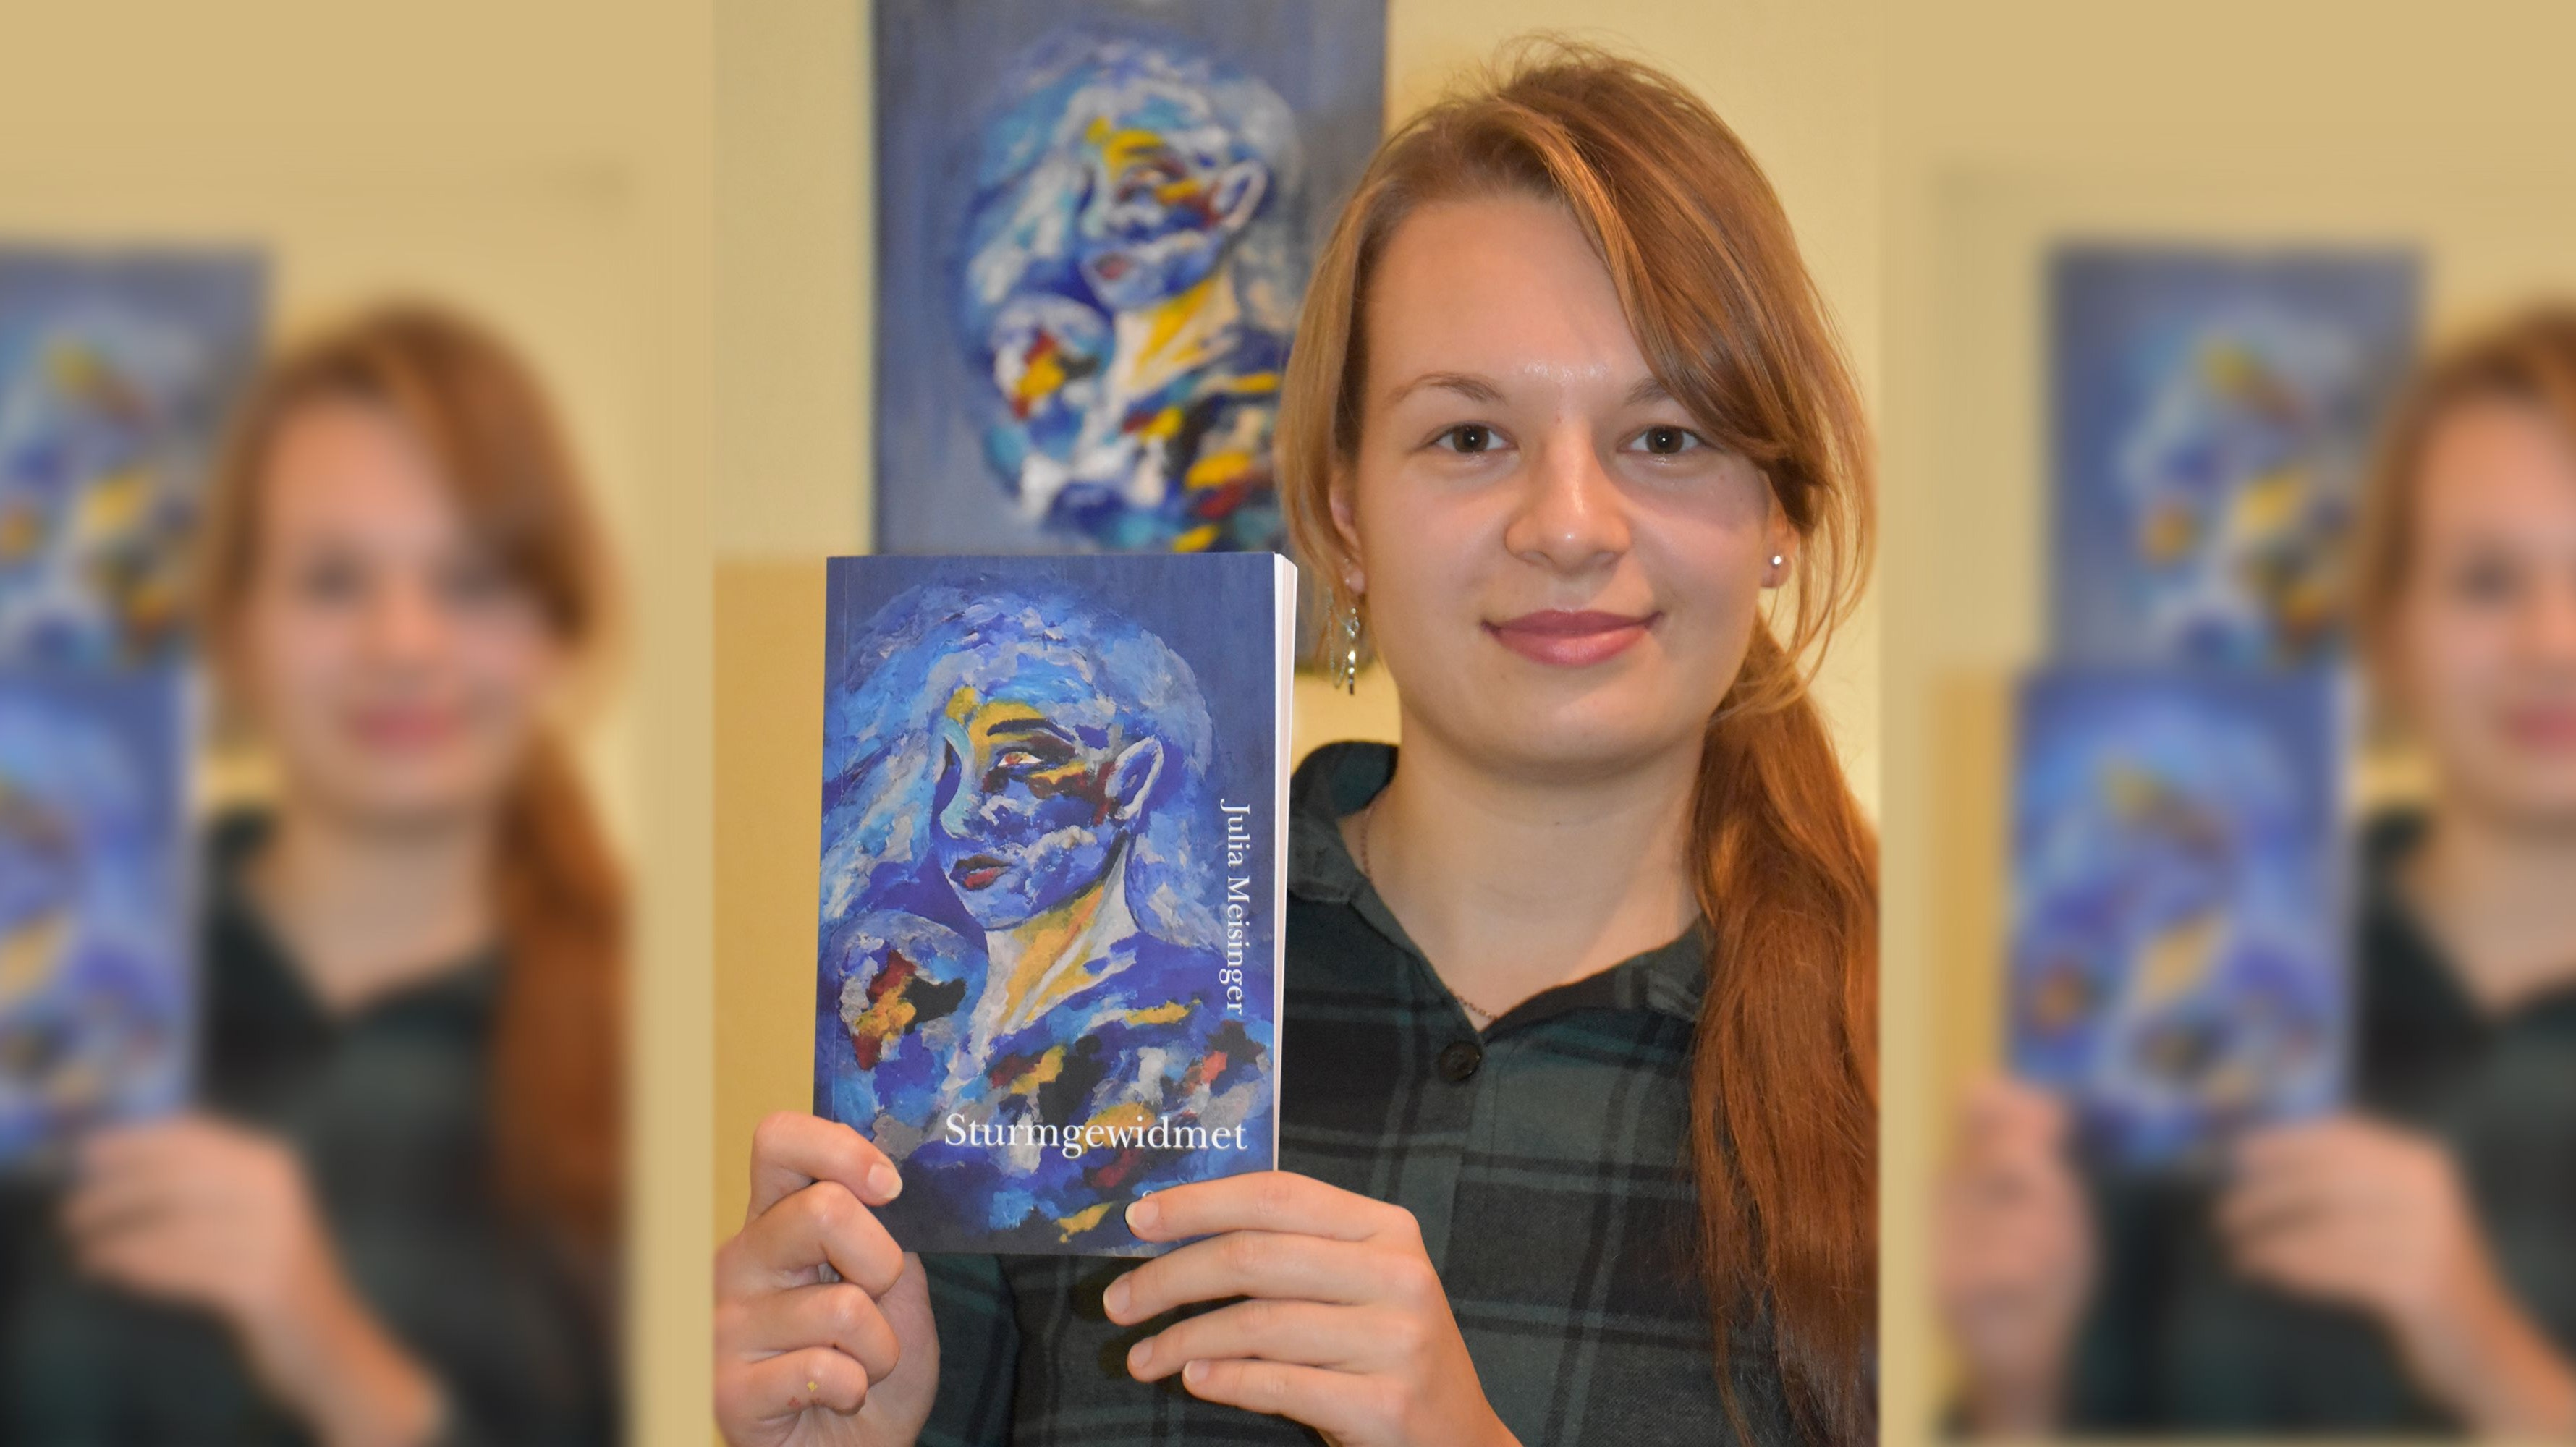 """Buchpremiere: Die 19-jährige Schülerin Julia Meisinger aus Hausstette hat vor 2 Wochen ihren ersten Kurzprosa-Band """"Sturmgewidmet"""" veröffentlicht. Fotomontage: M. Meyer/von Hammerstein"""